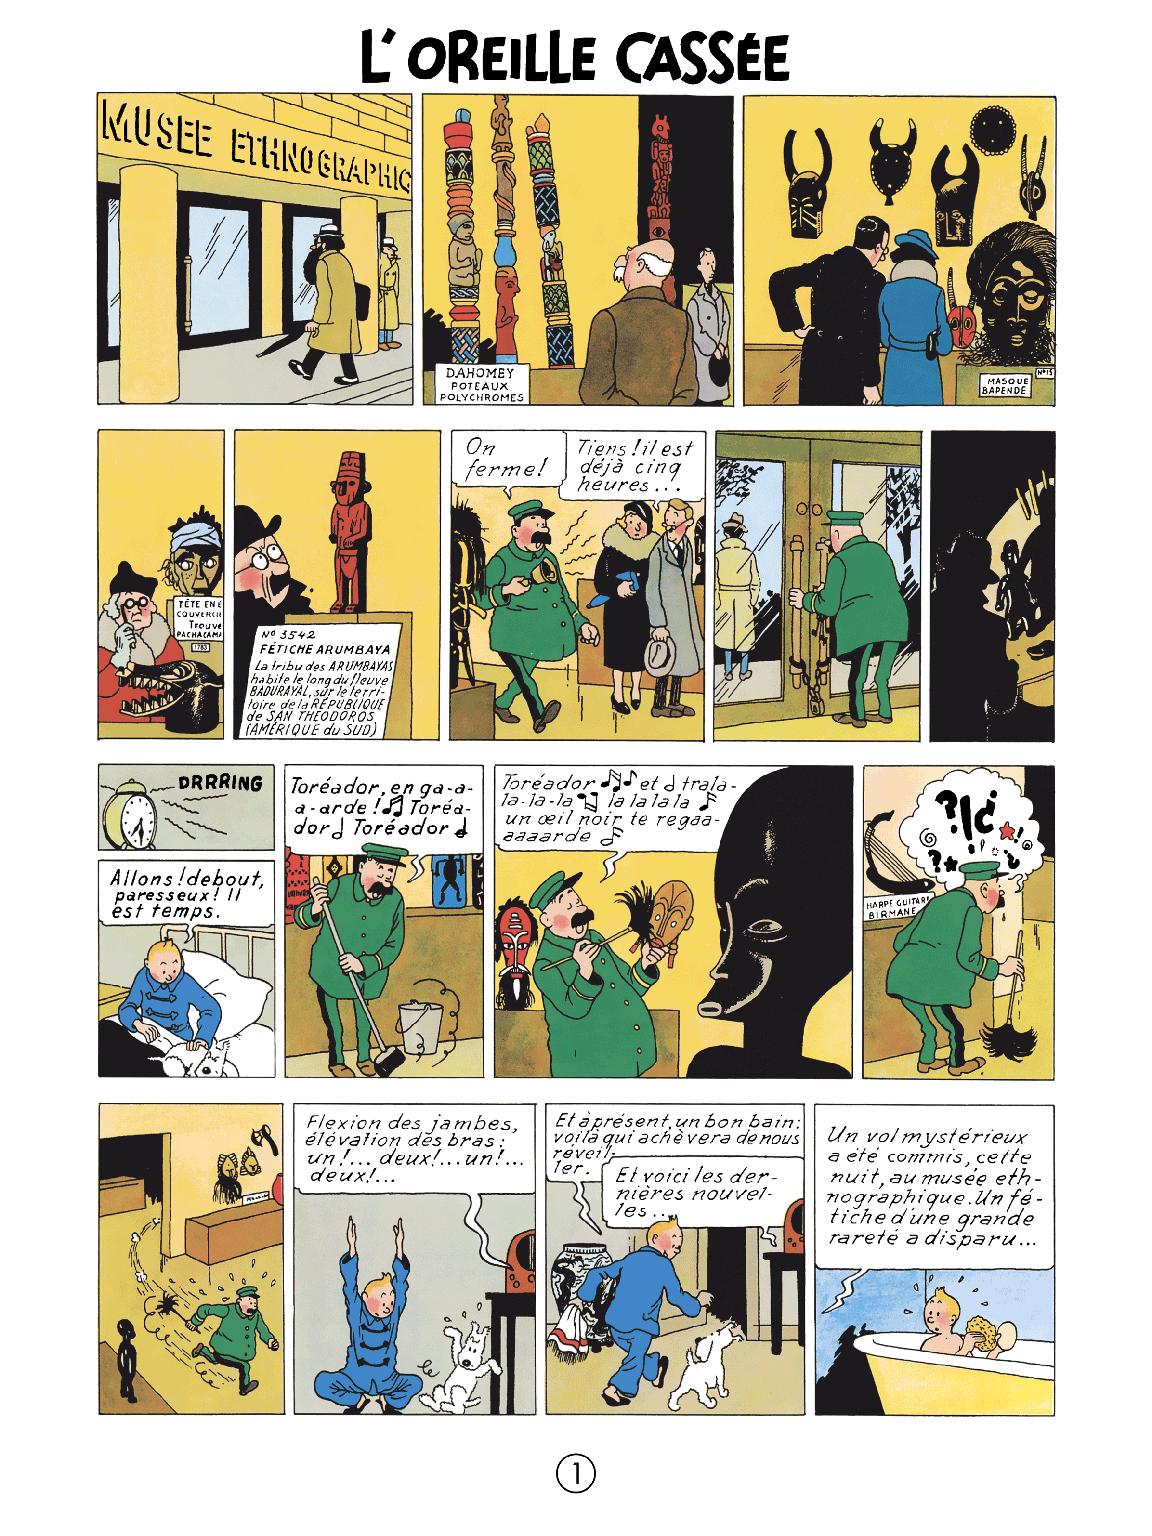 L'Oreille cassé - page 1